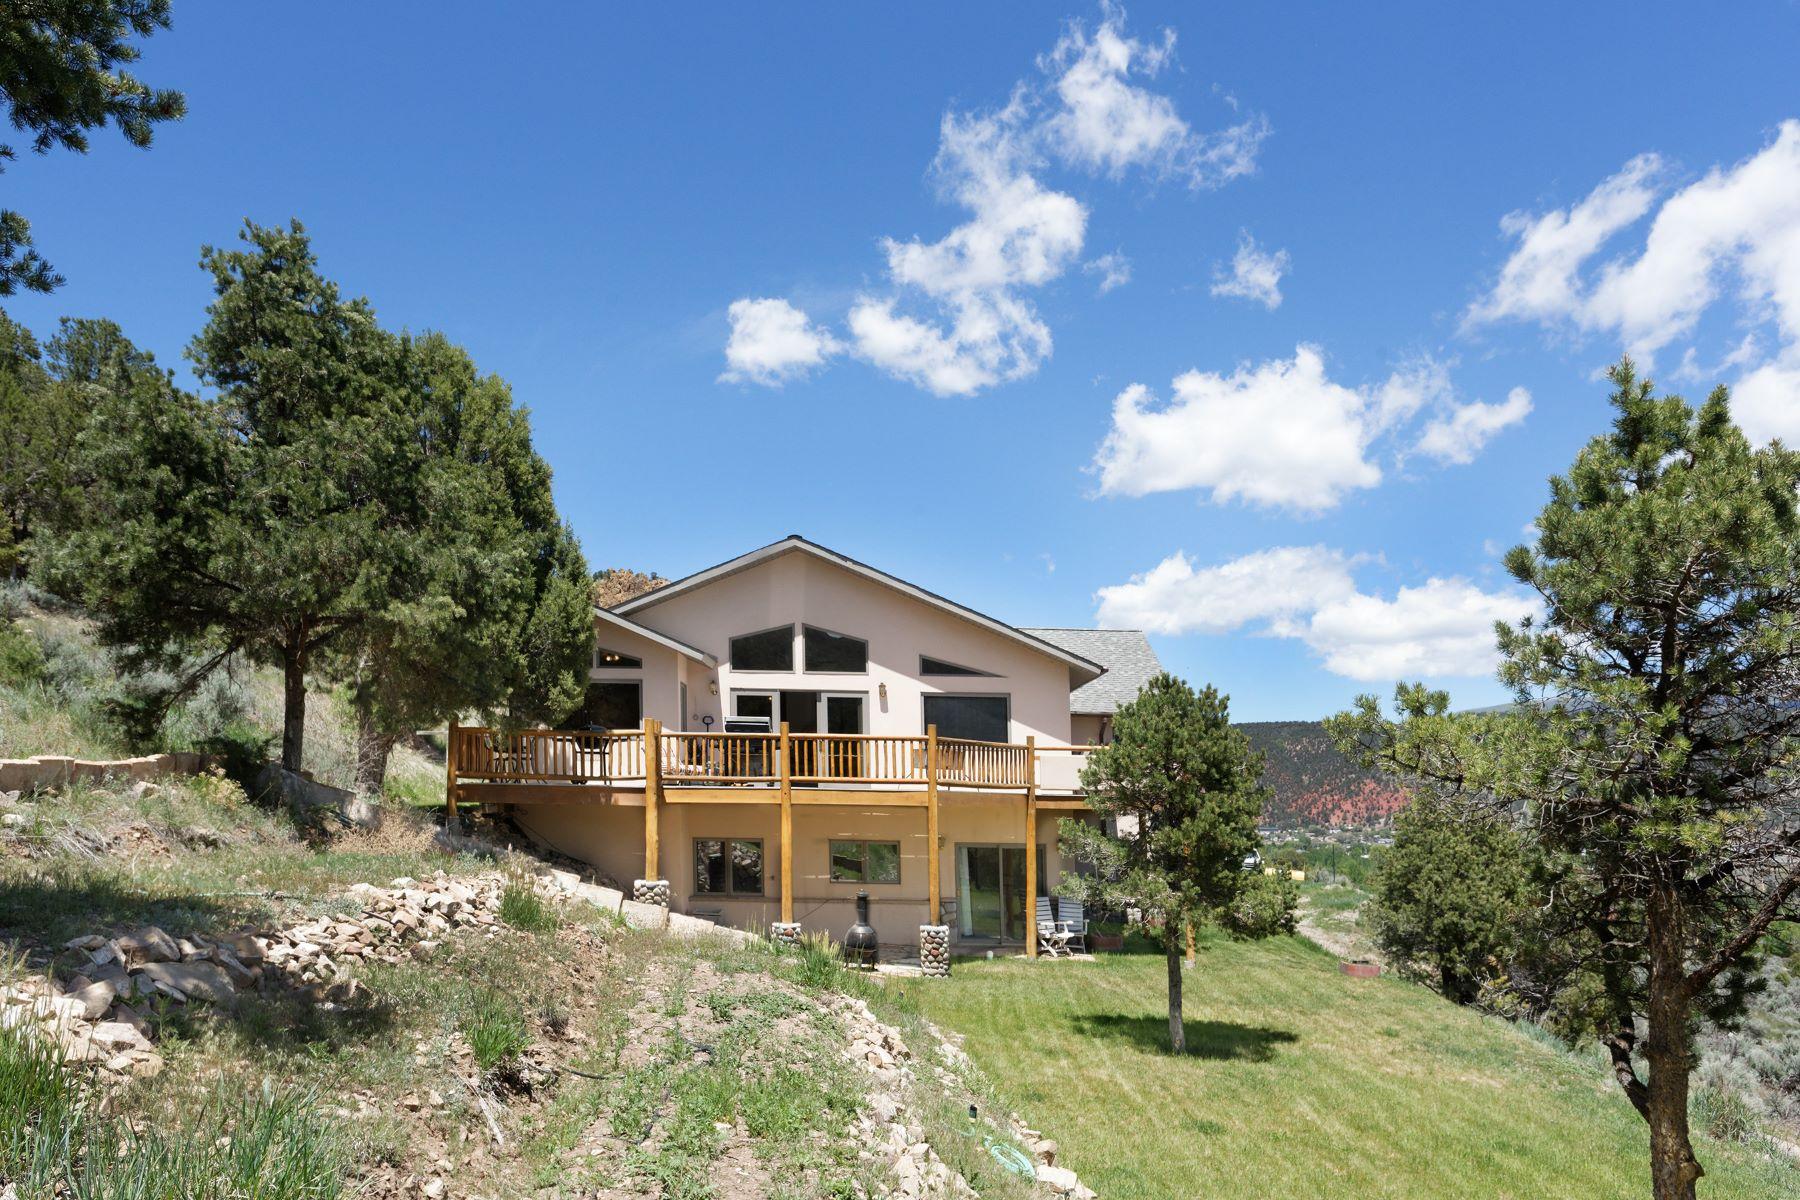 Casa Unifamiliar por un Venta en Beautiful Custom Home 1853 County Road 109 Glenwood Springs, Colorado 81601 Estados Unidos